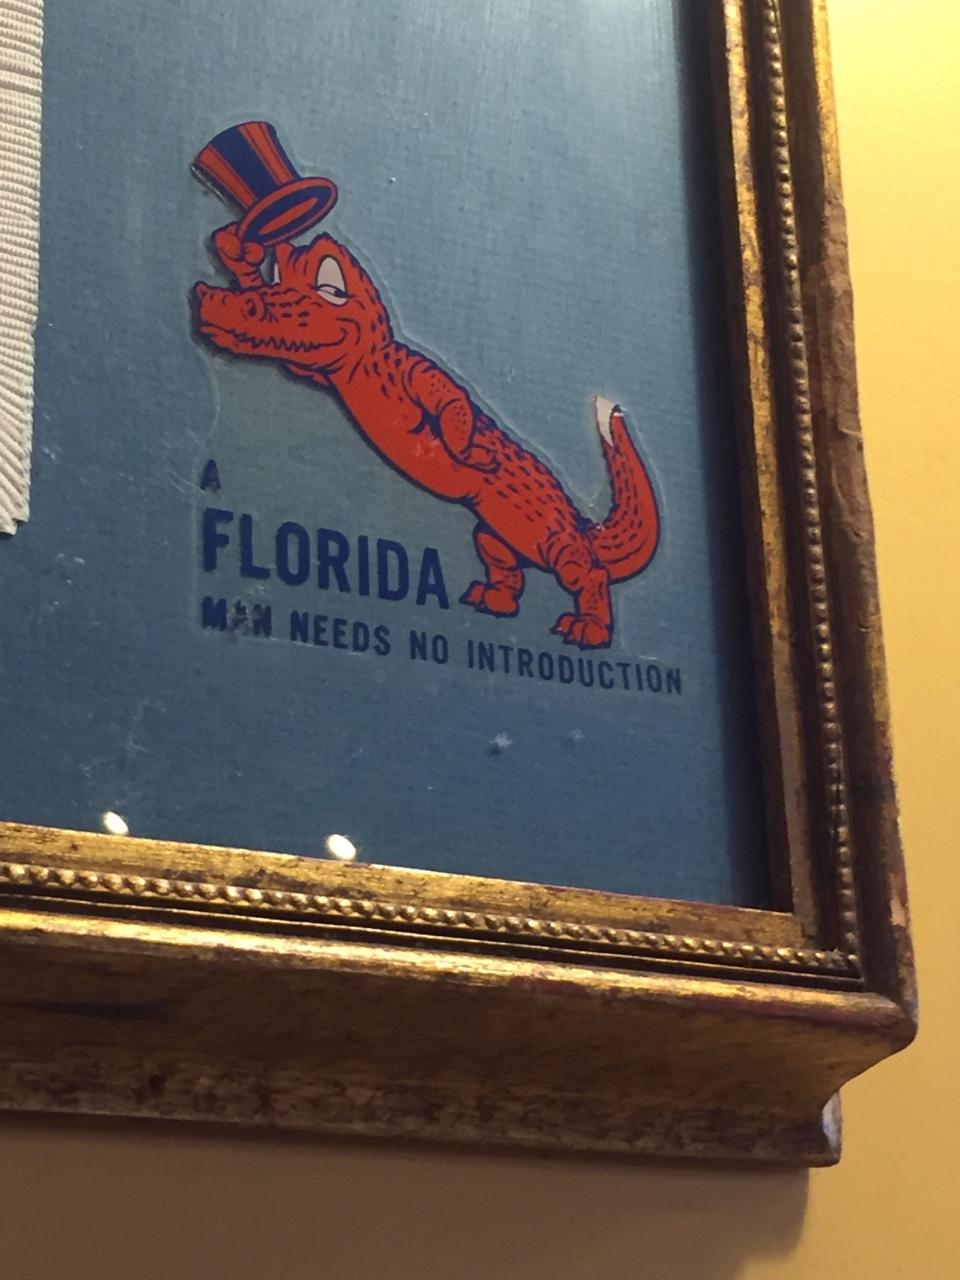 a-florida-man-needs-no-introduction